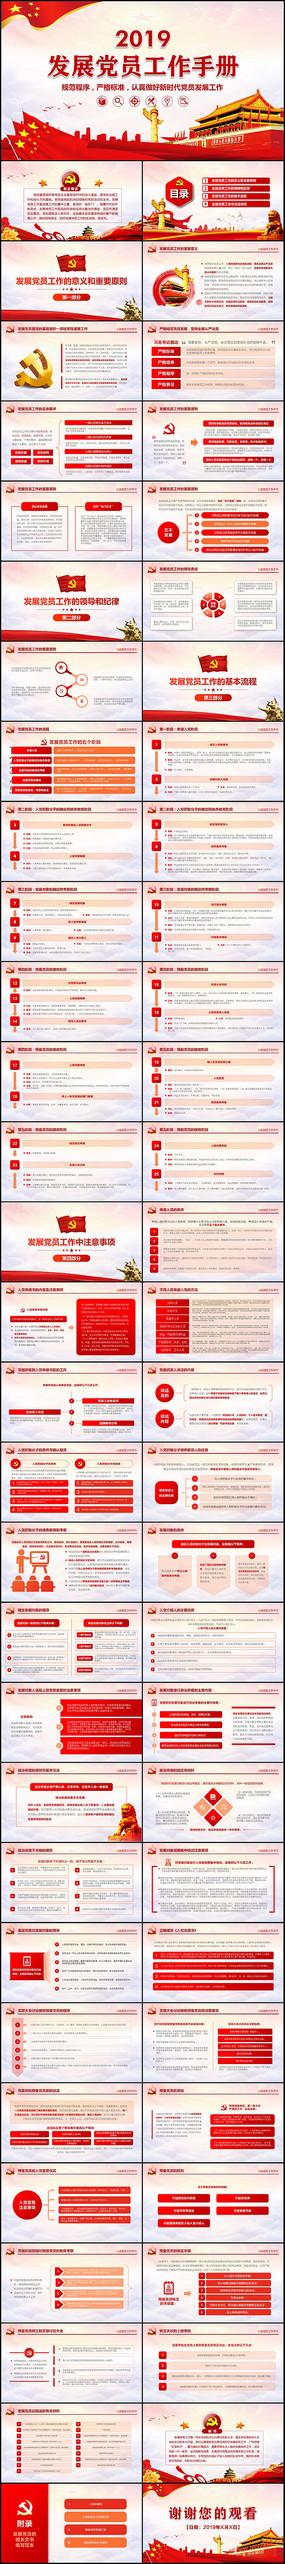 党员发展工作手册红色PPT